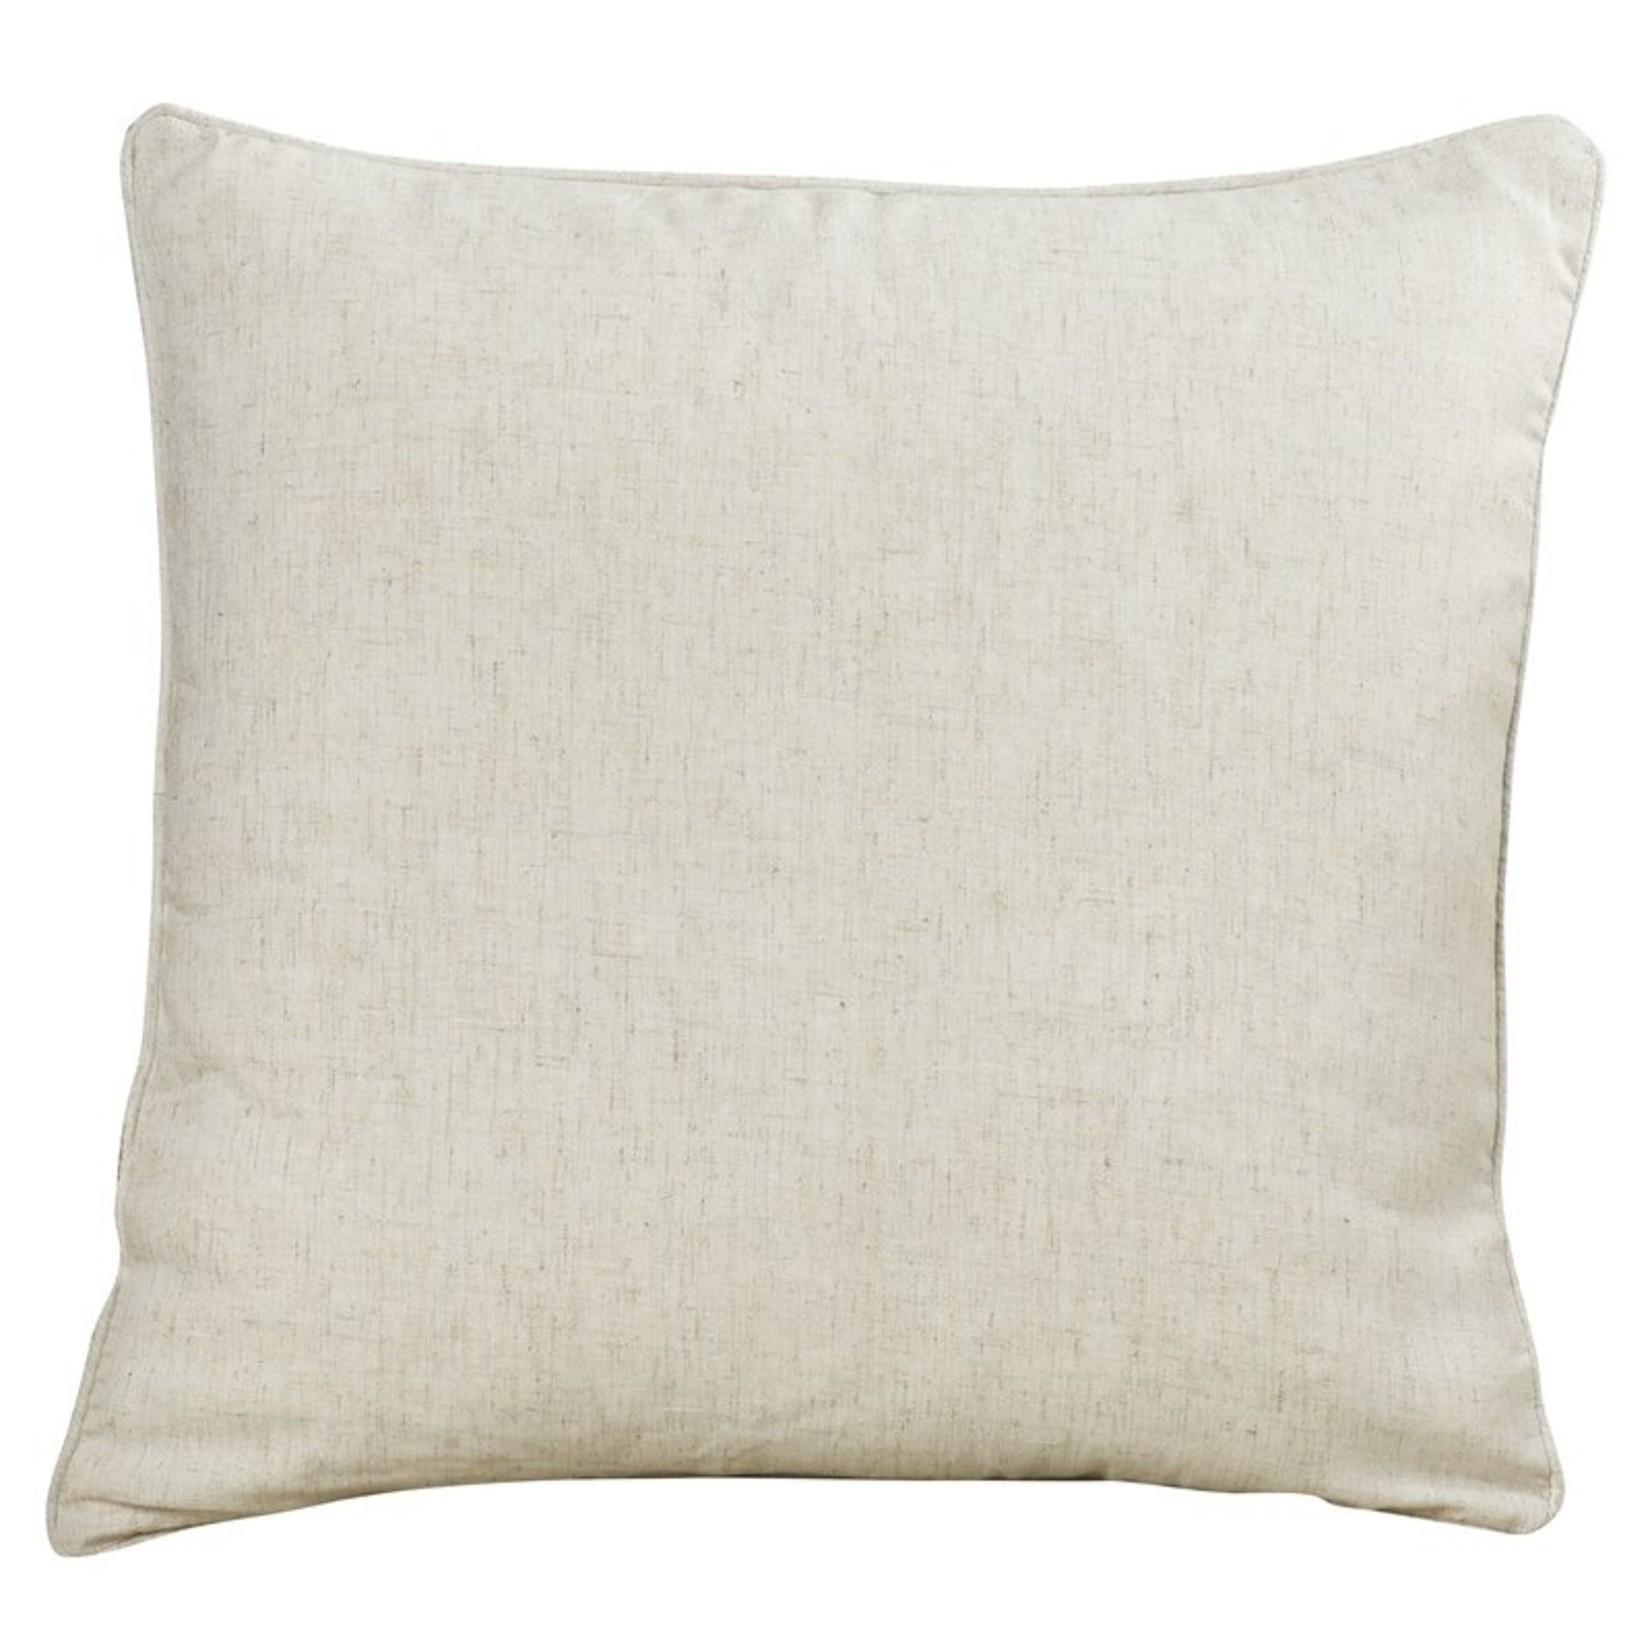 """*20"""" x 20"""" Maize Throw Pillow - Set of 2"""